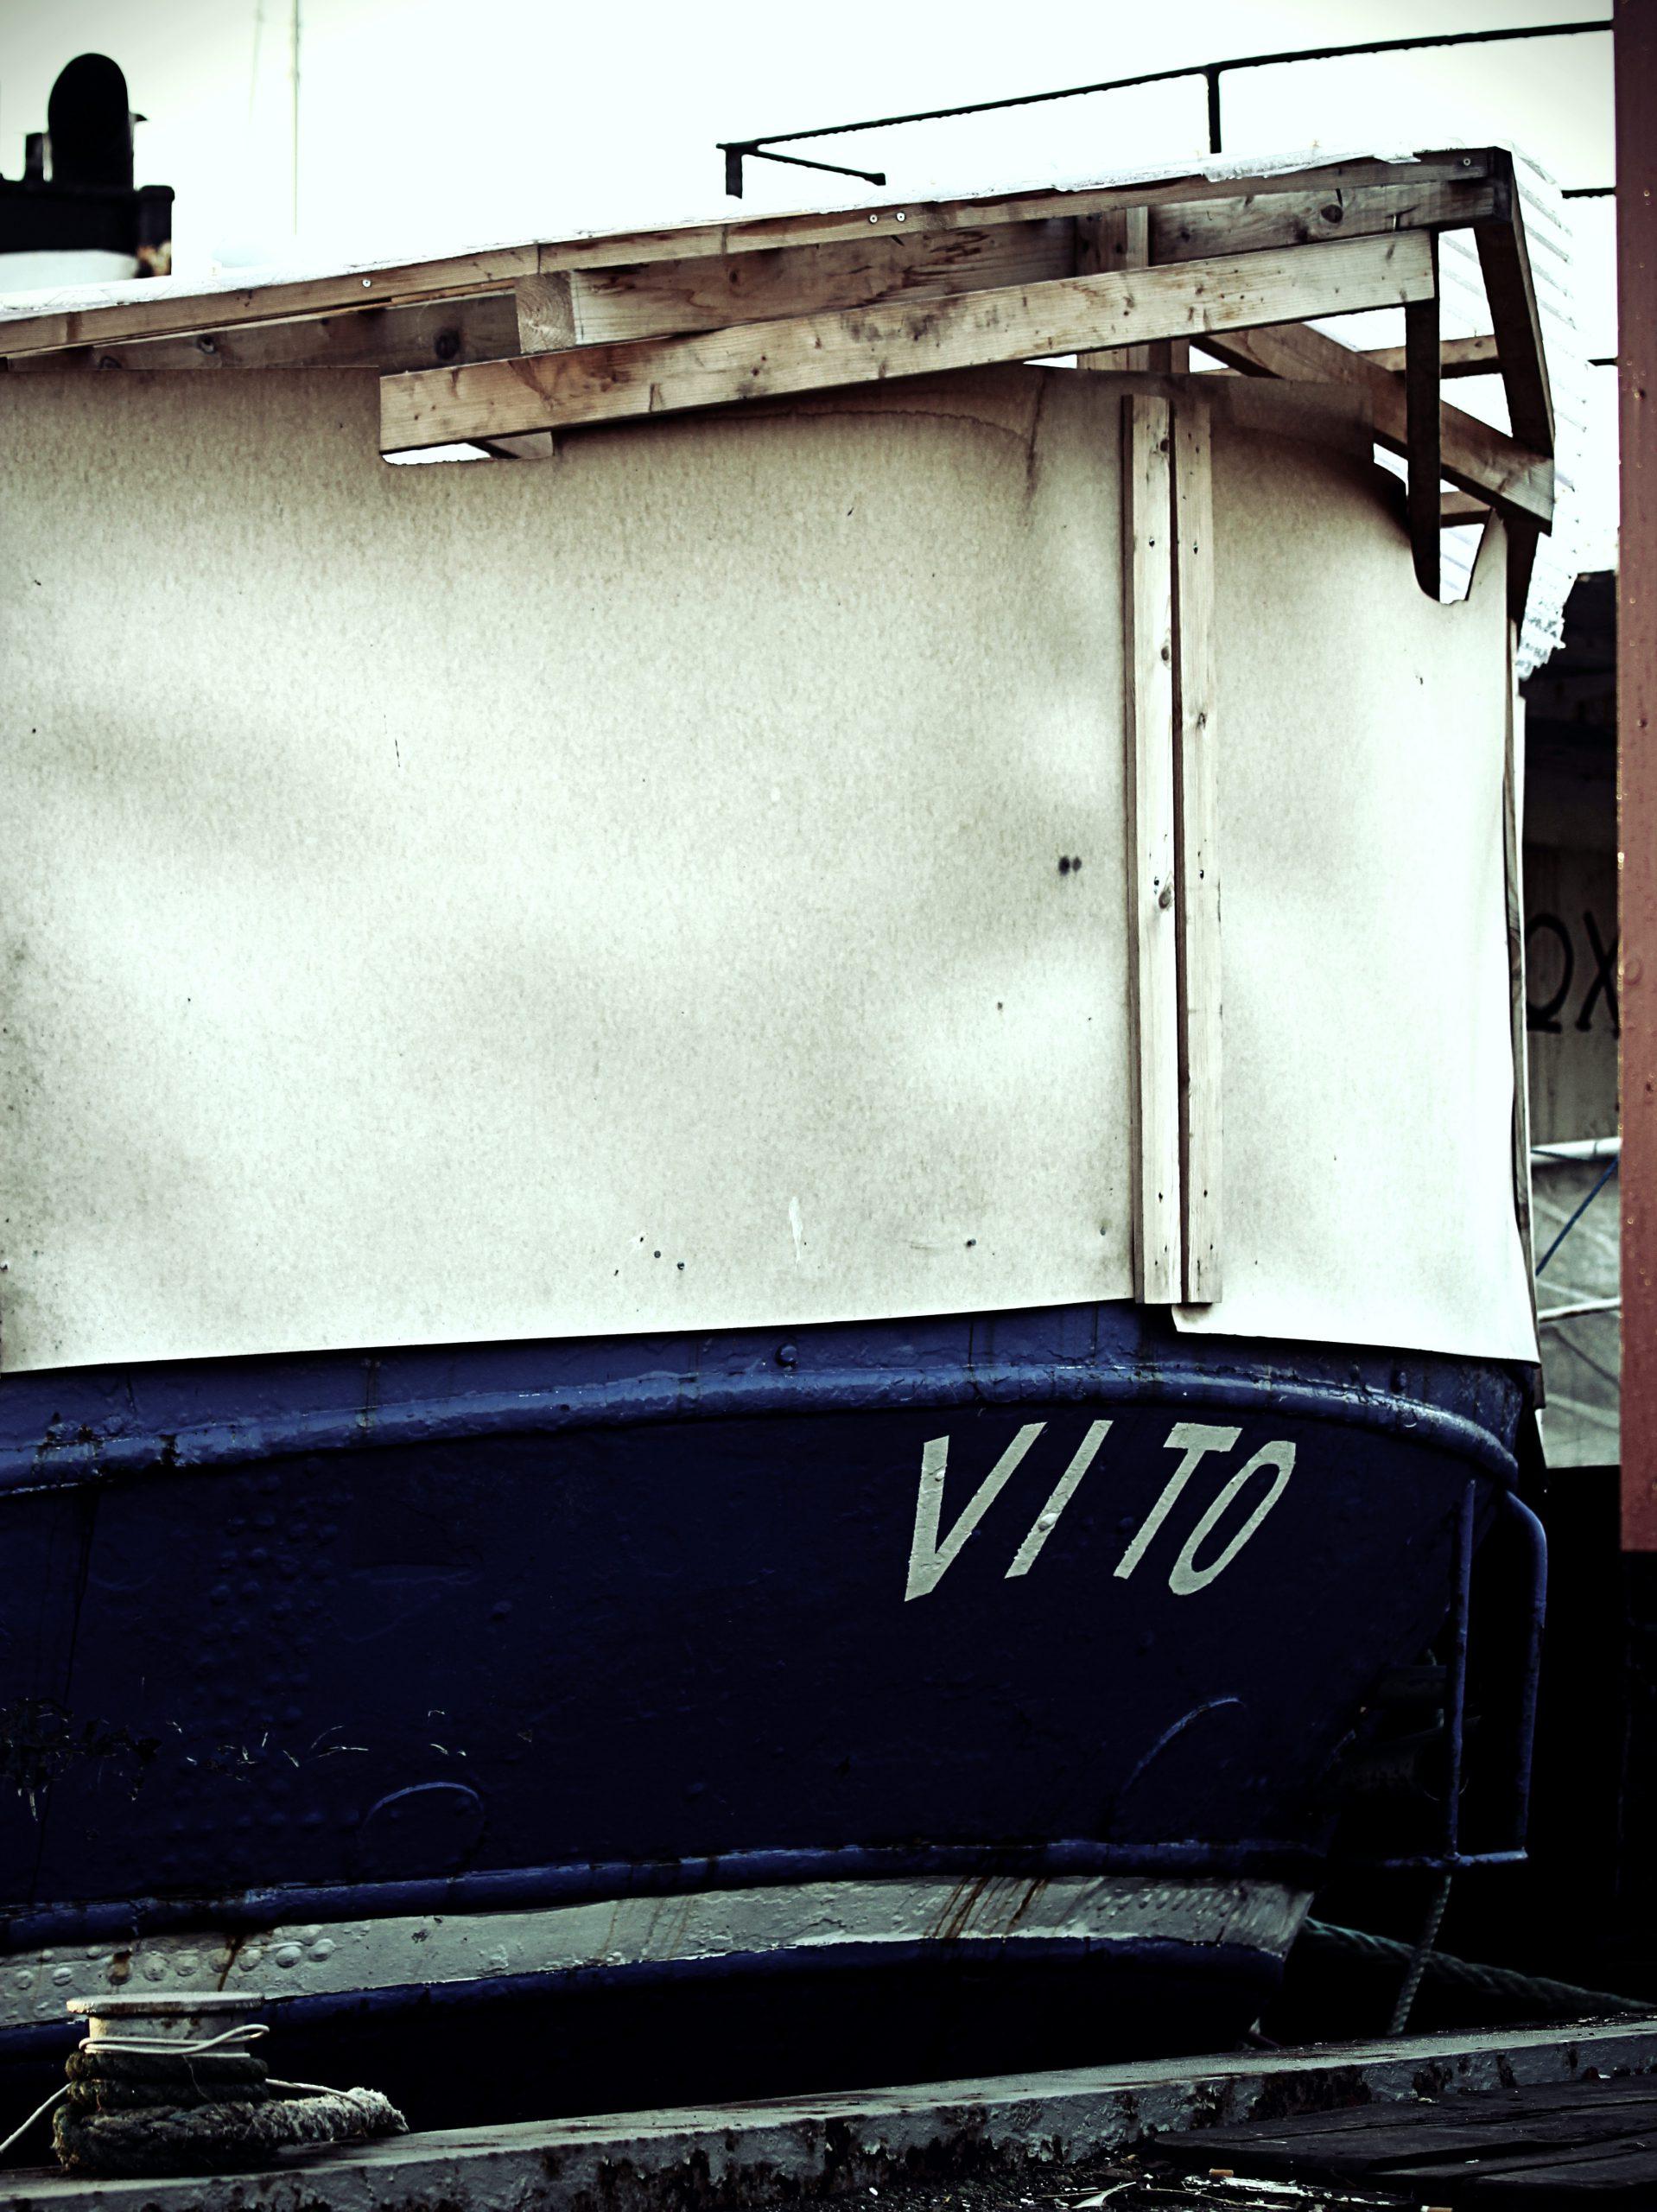 det gamle værft, skib, vito